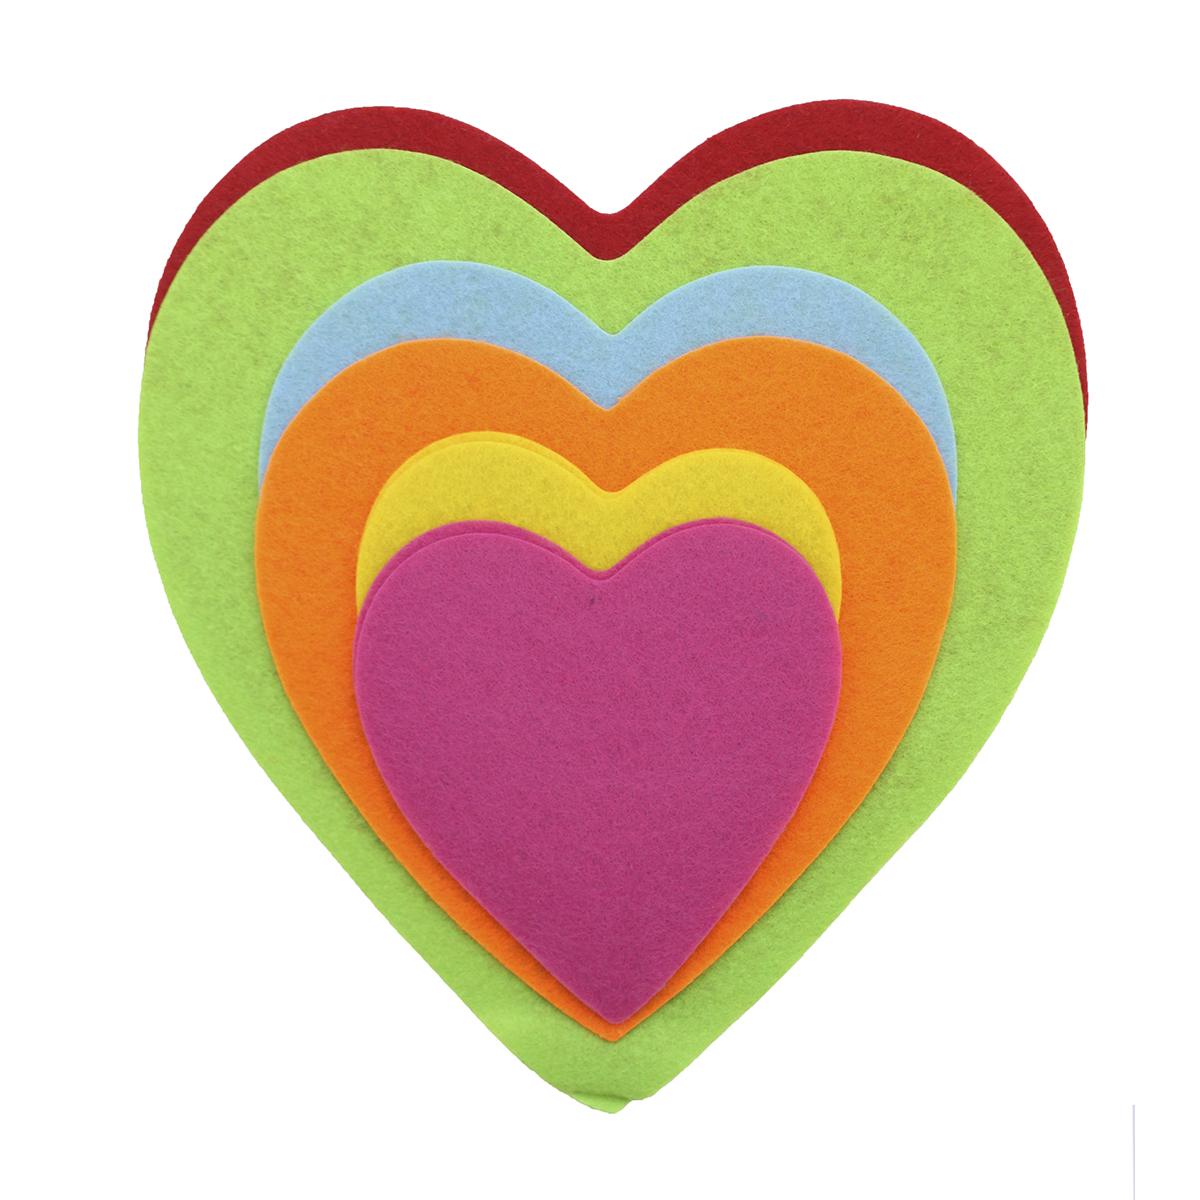 Фетр для творчества Glorex Сердце большое, 8 шт7708618_YF 674 салатовыйФетр для творчества Glorex Сердце большое изготовлен из 100% полиэстера. Фетр является отличным материалом для декора и флористики. Используется для изготовления открыток ручной работы и скрап-страничек, для создания бижутерии и многого другого.